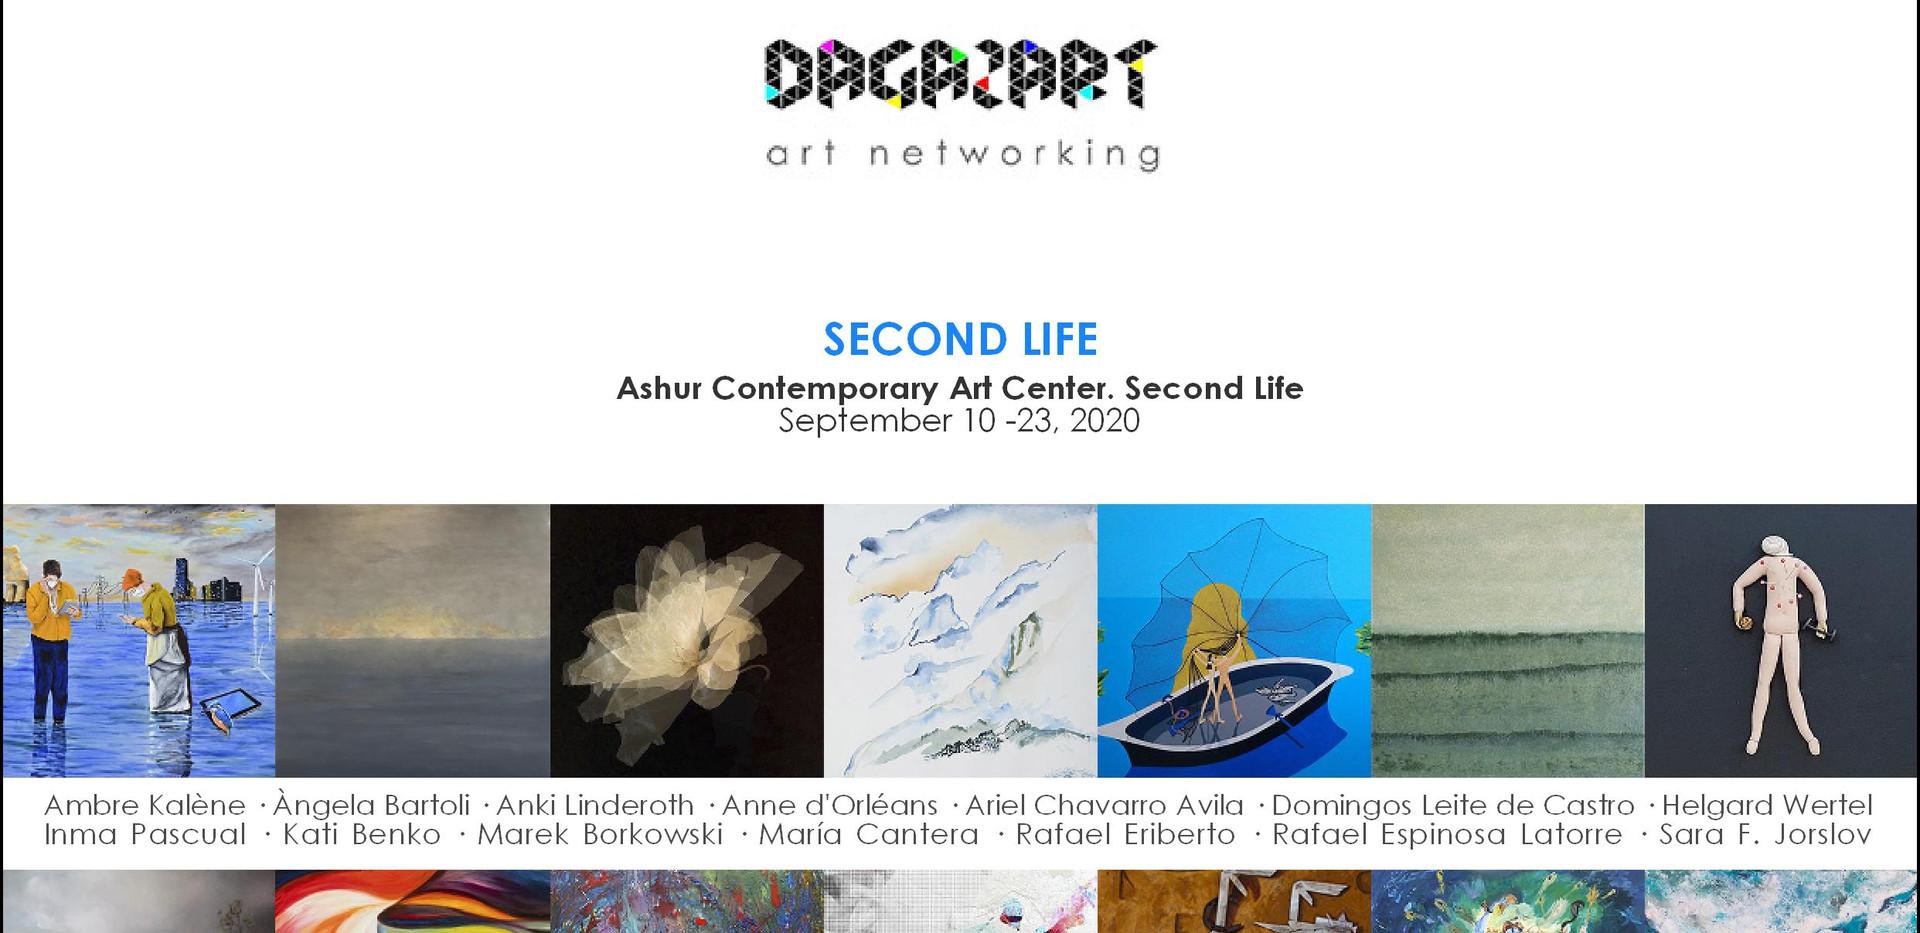 DagazArt Art Networking September 2020 F